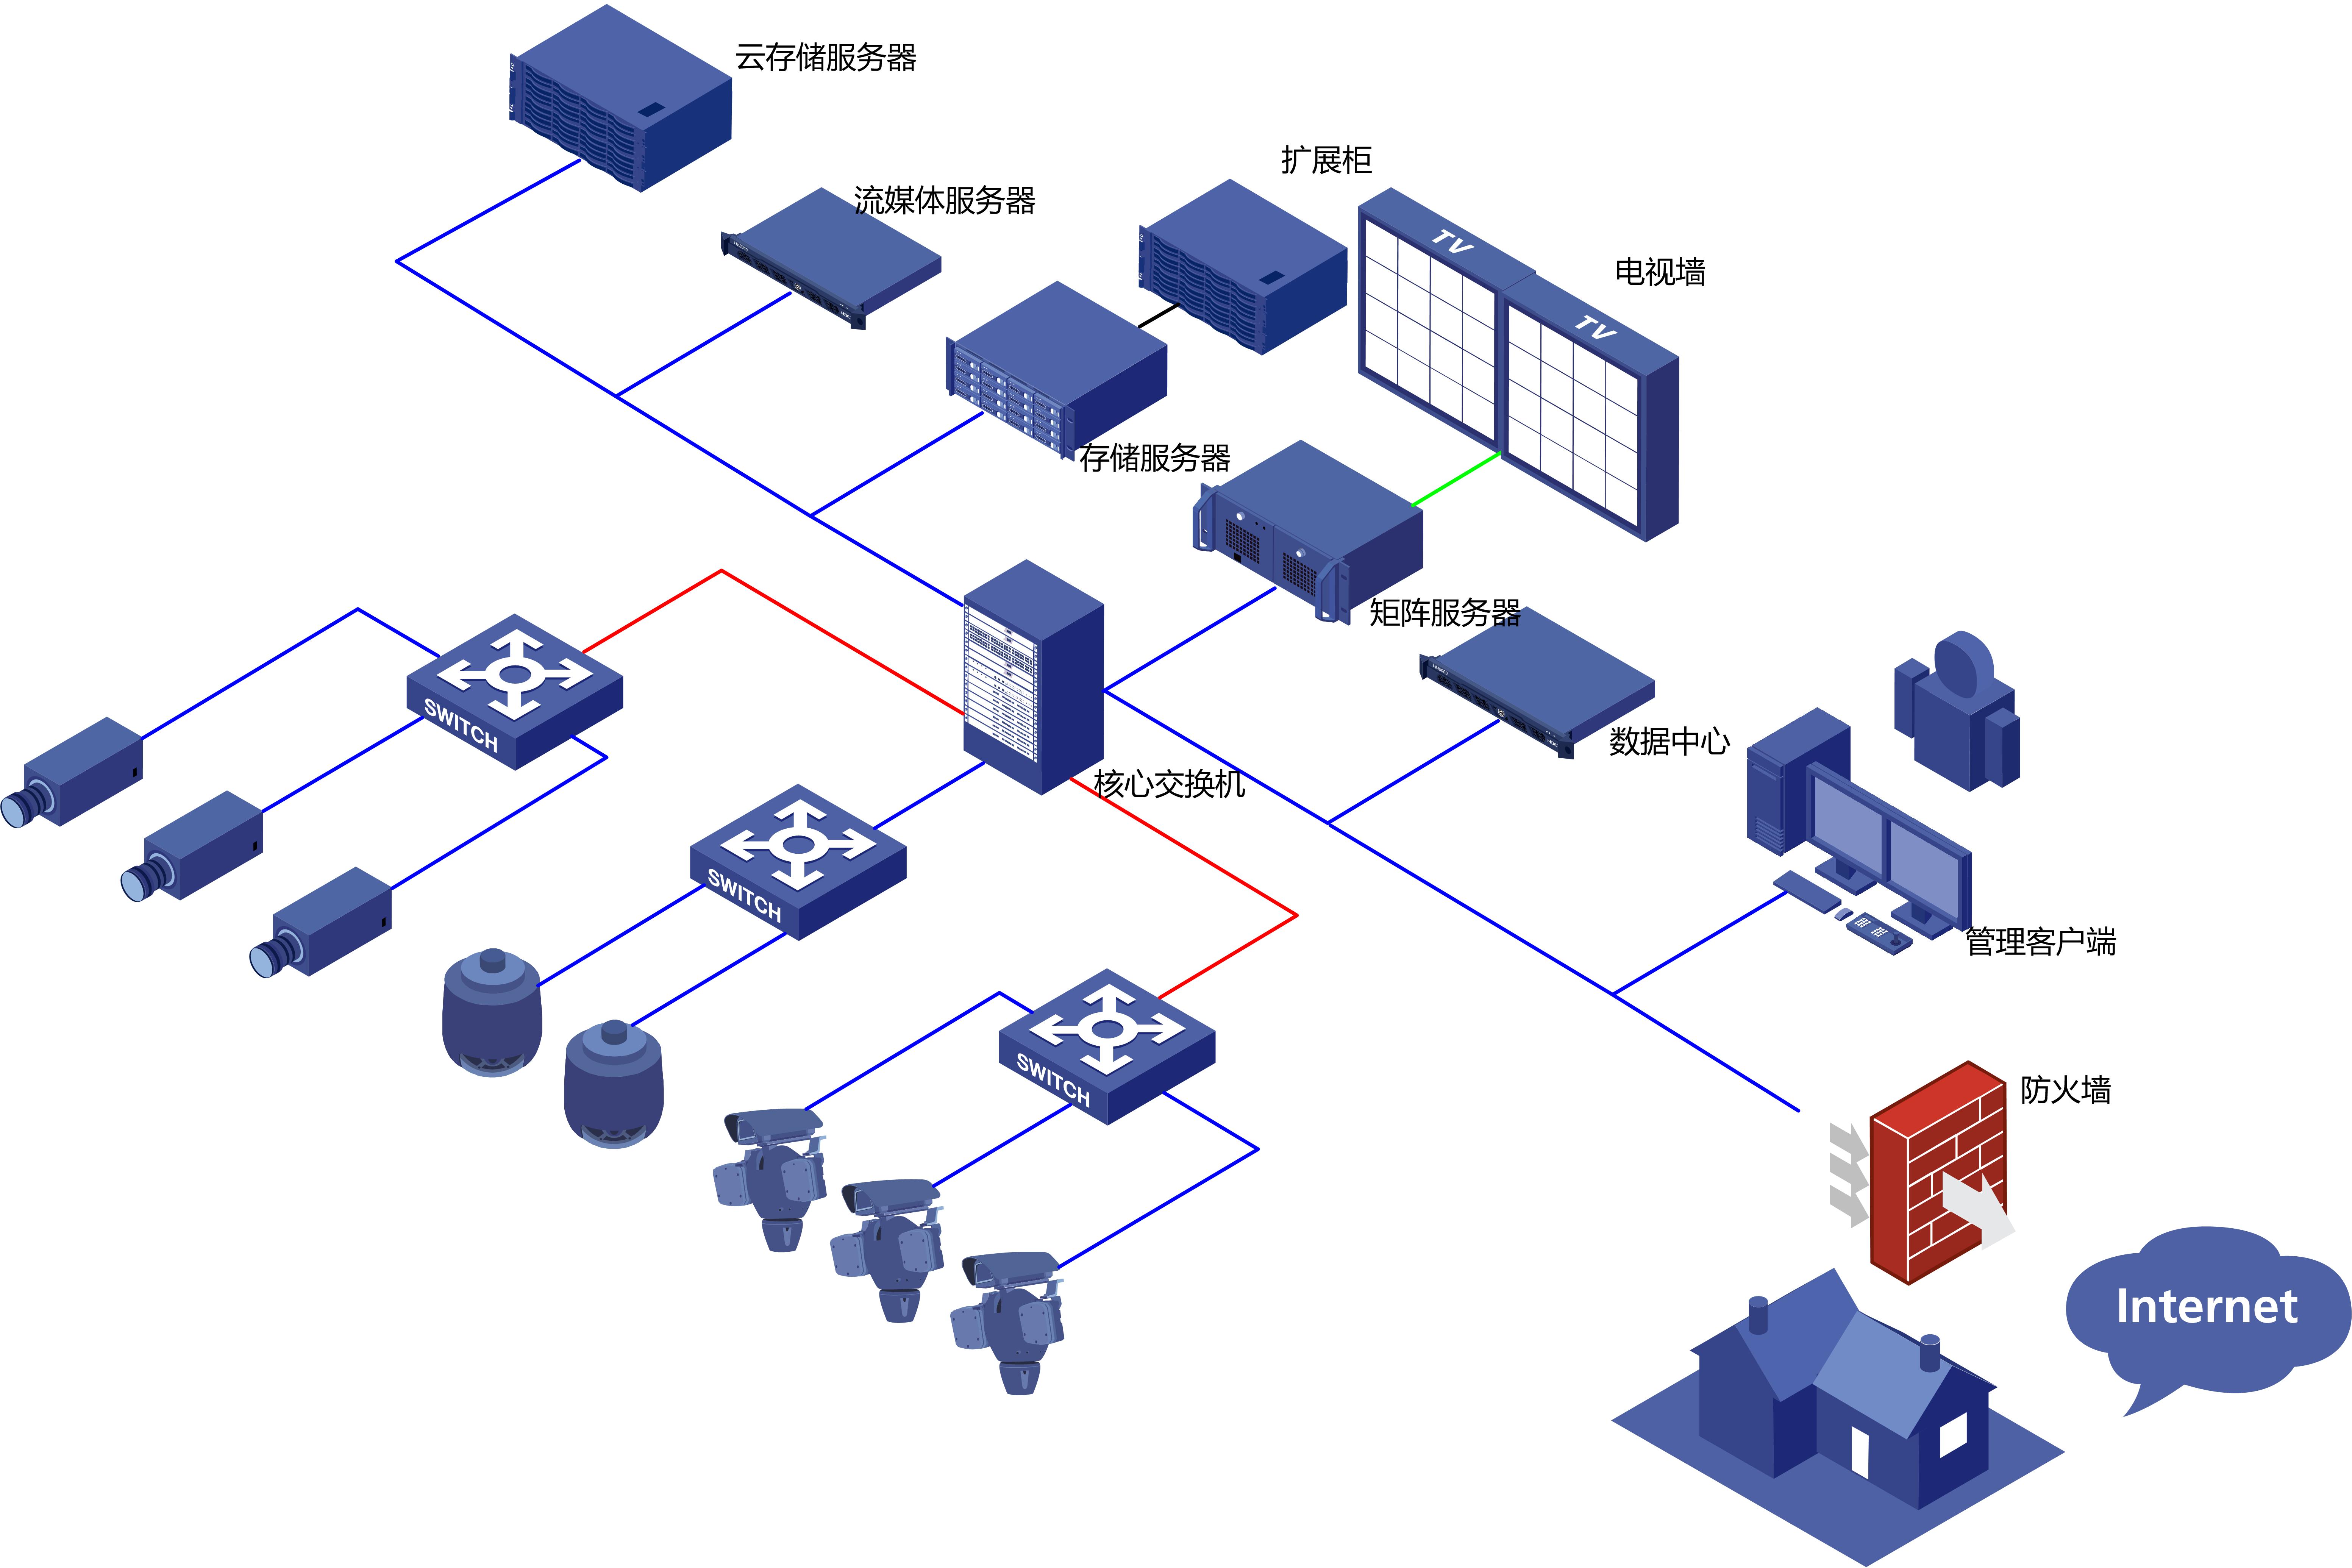 大型联网视频监控集中管理解决方案